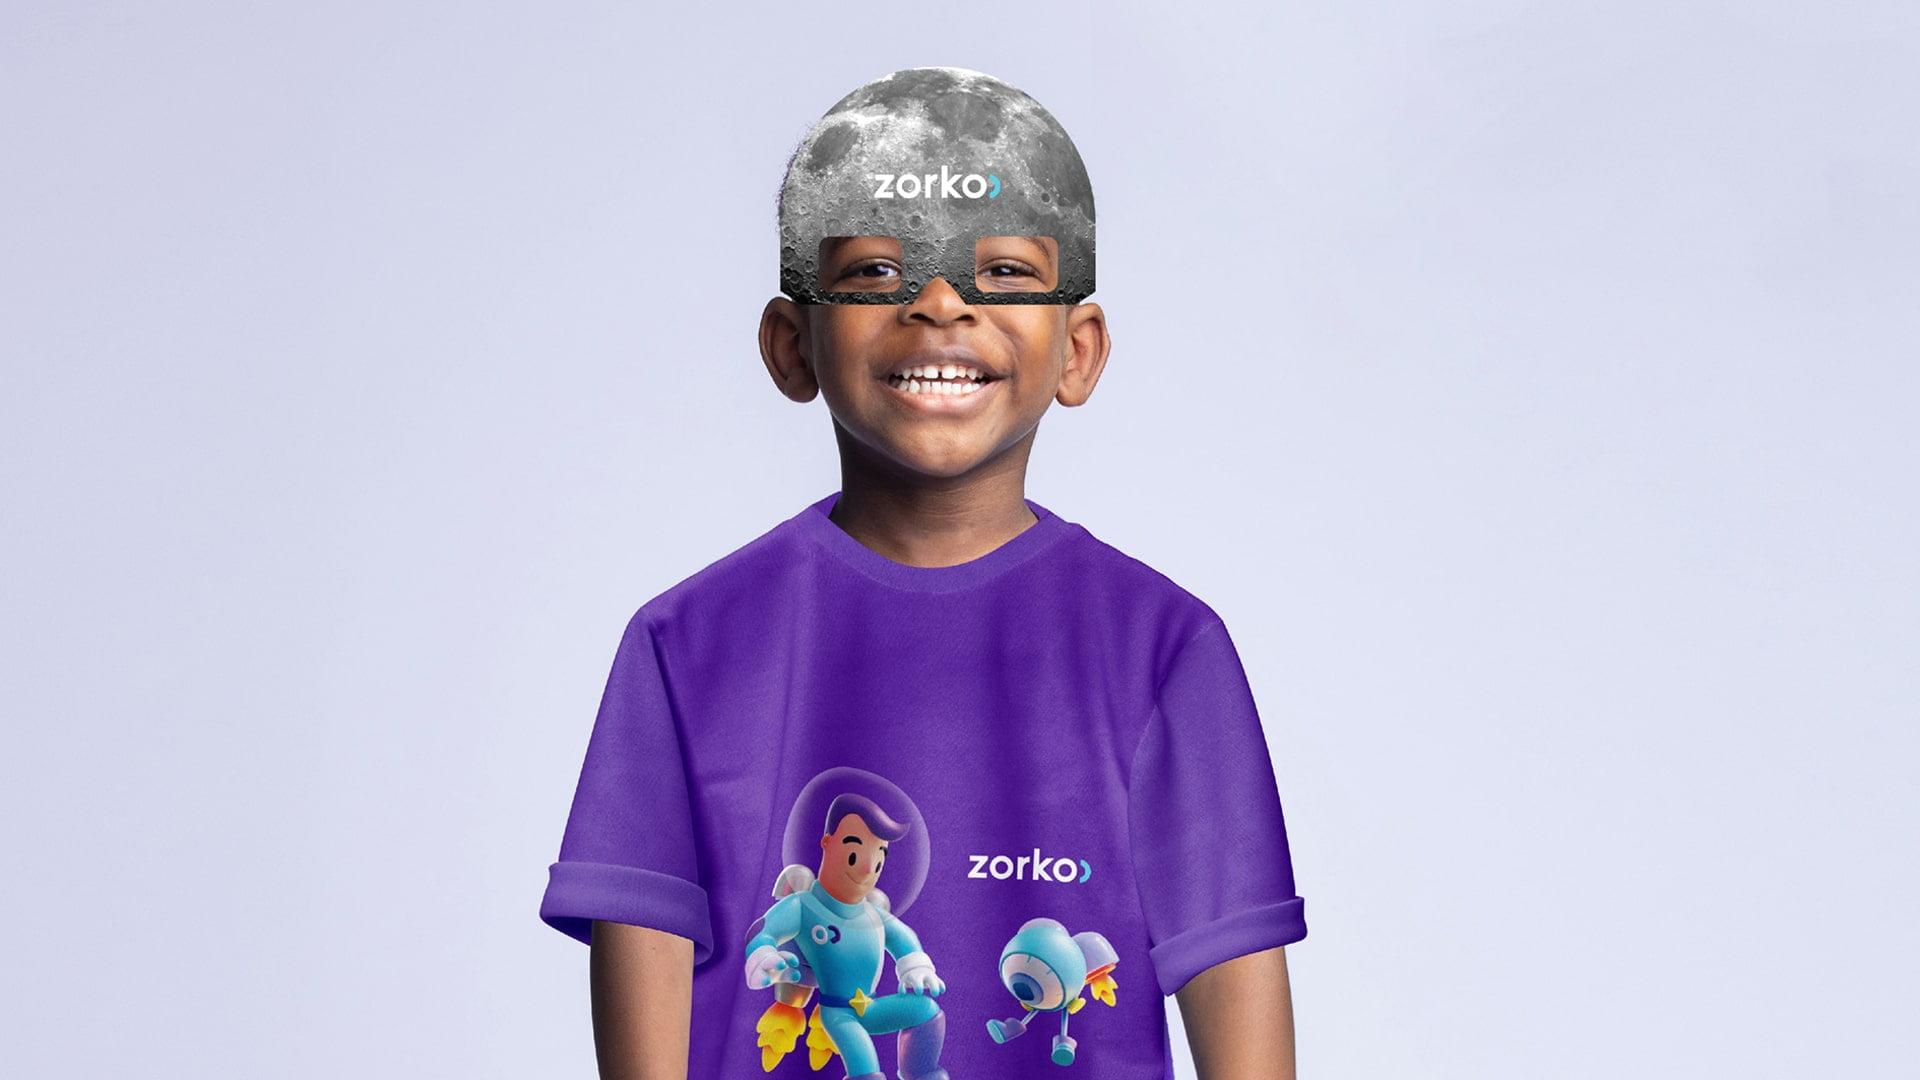 gra brand design zorko 1